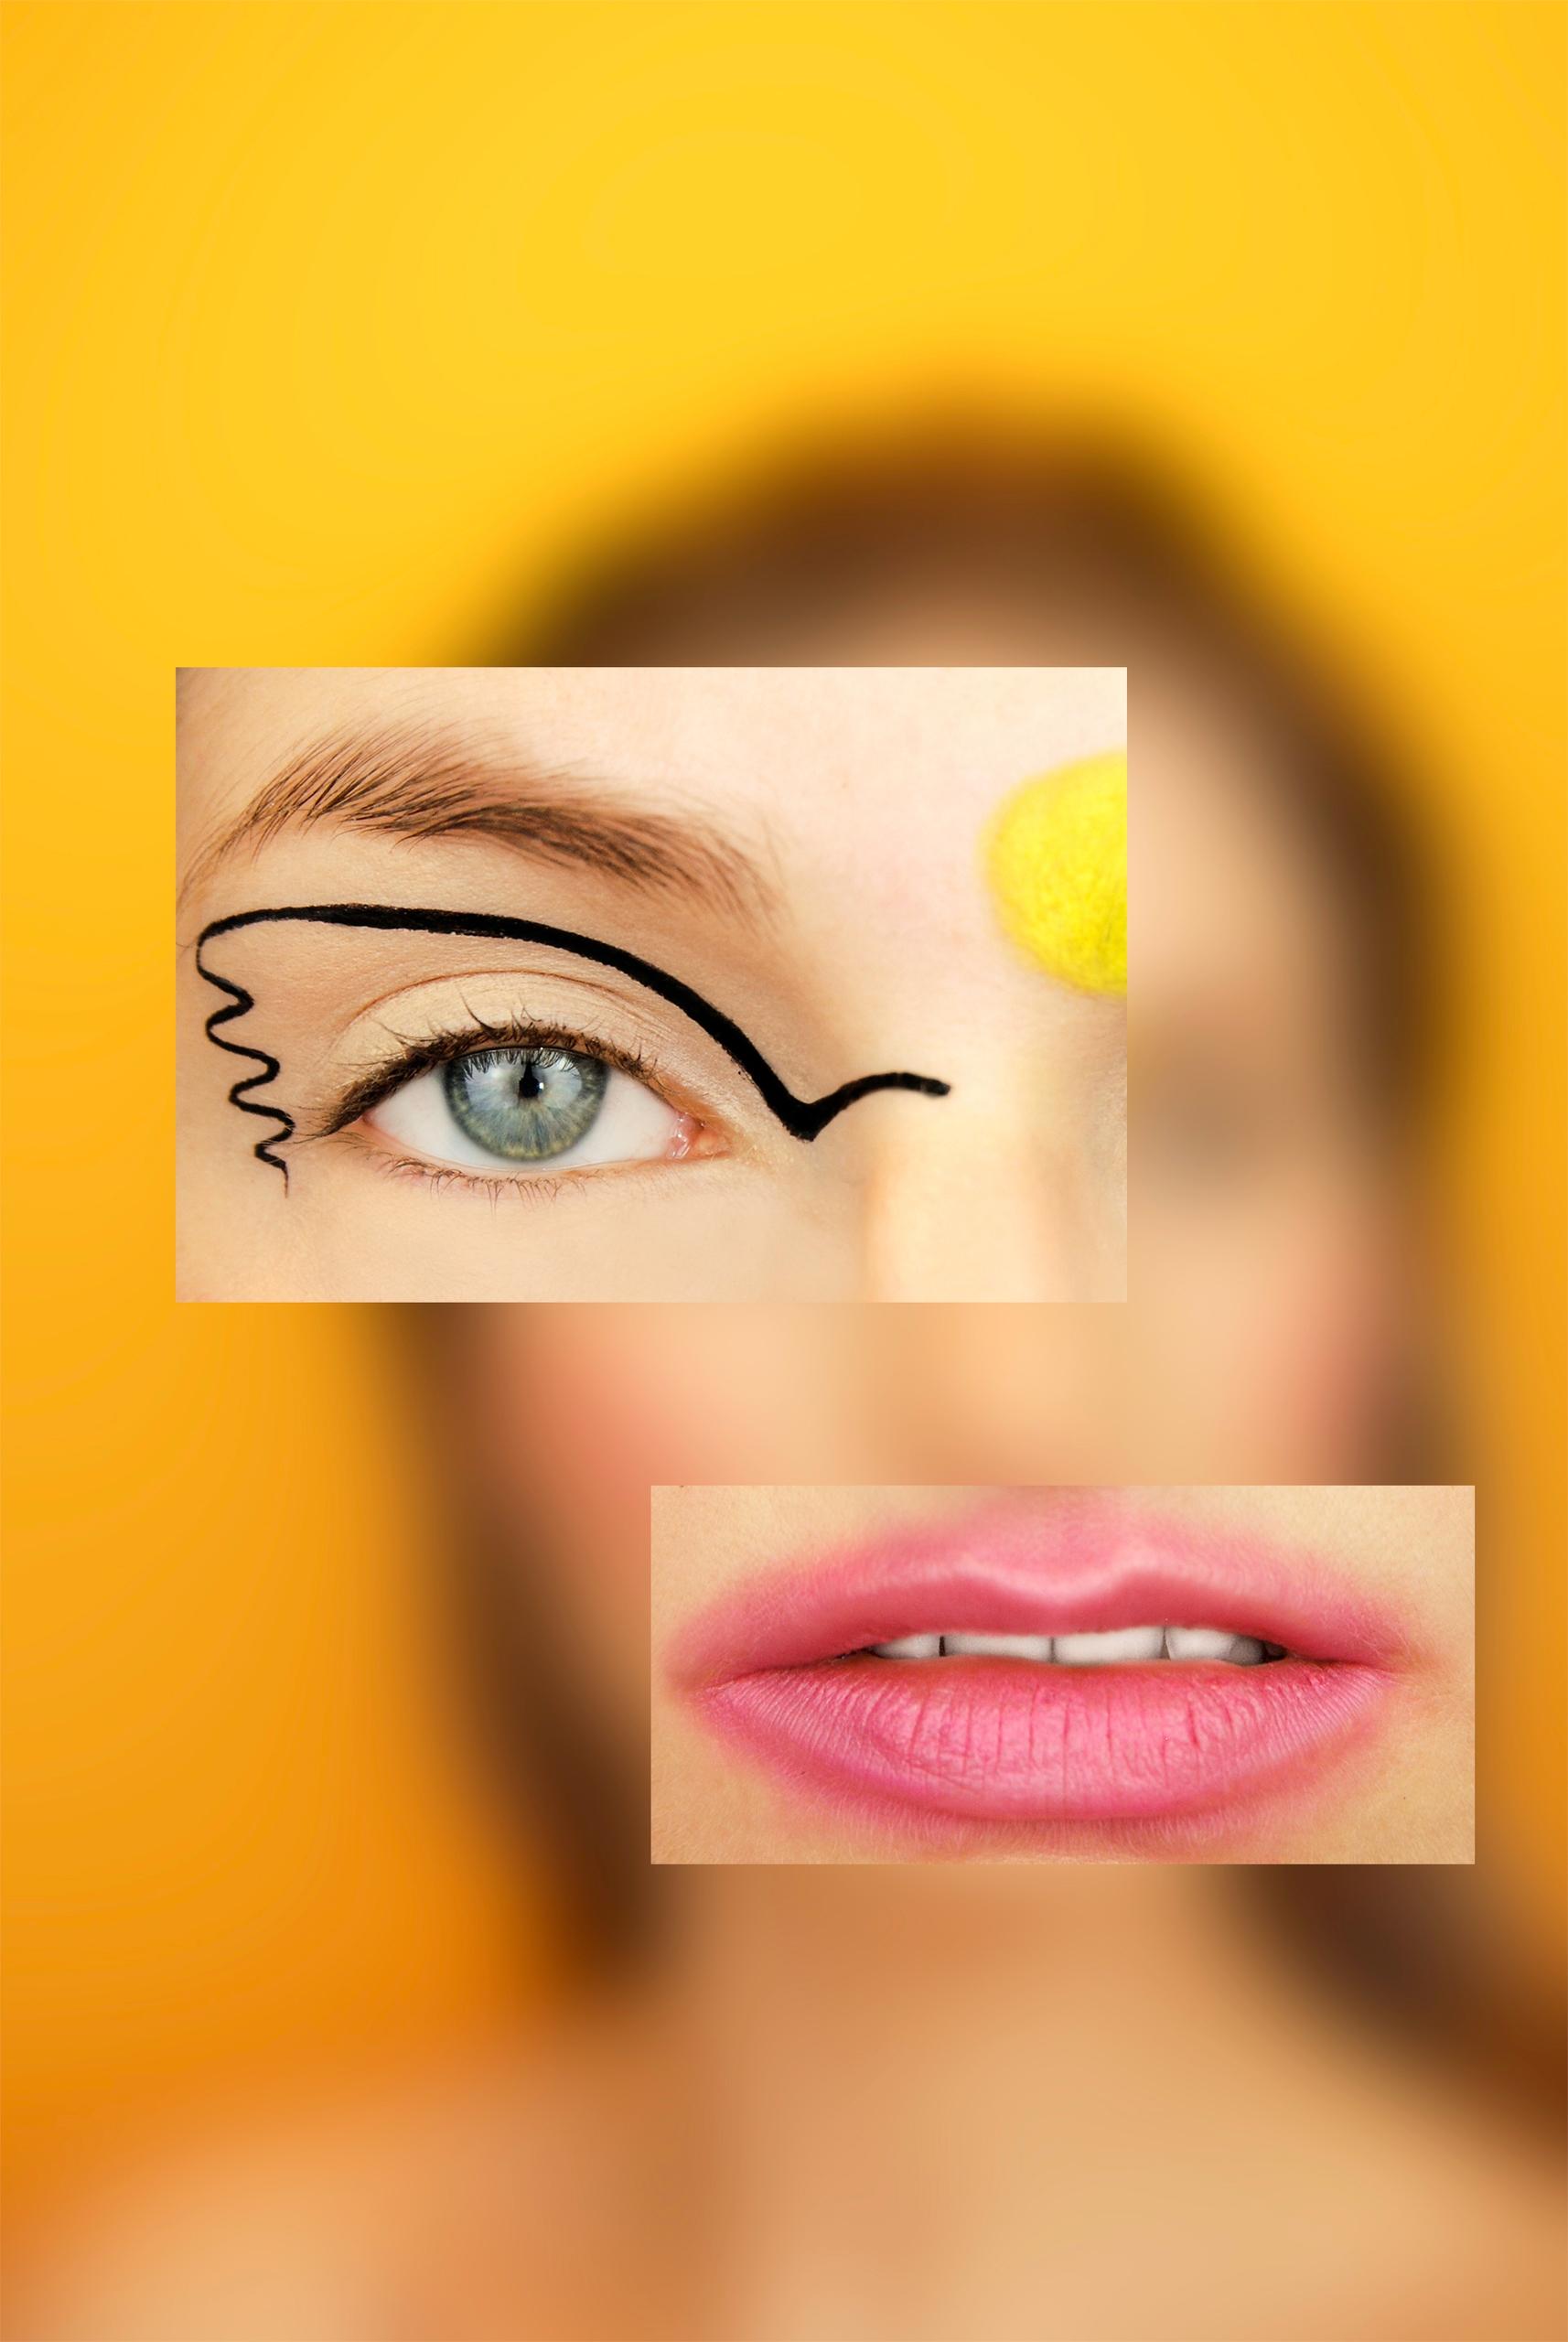 Zdjęcie przedstawia zamglone tło w żółtym odcieniu, a na nim dwa zdjęcia - oko kobiety w makijażu i różowe usta.